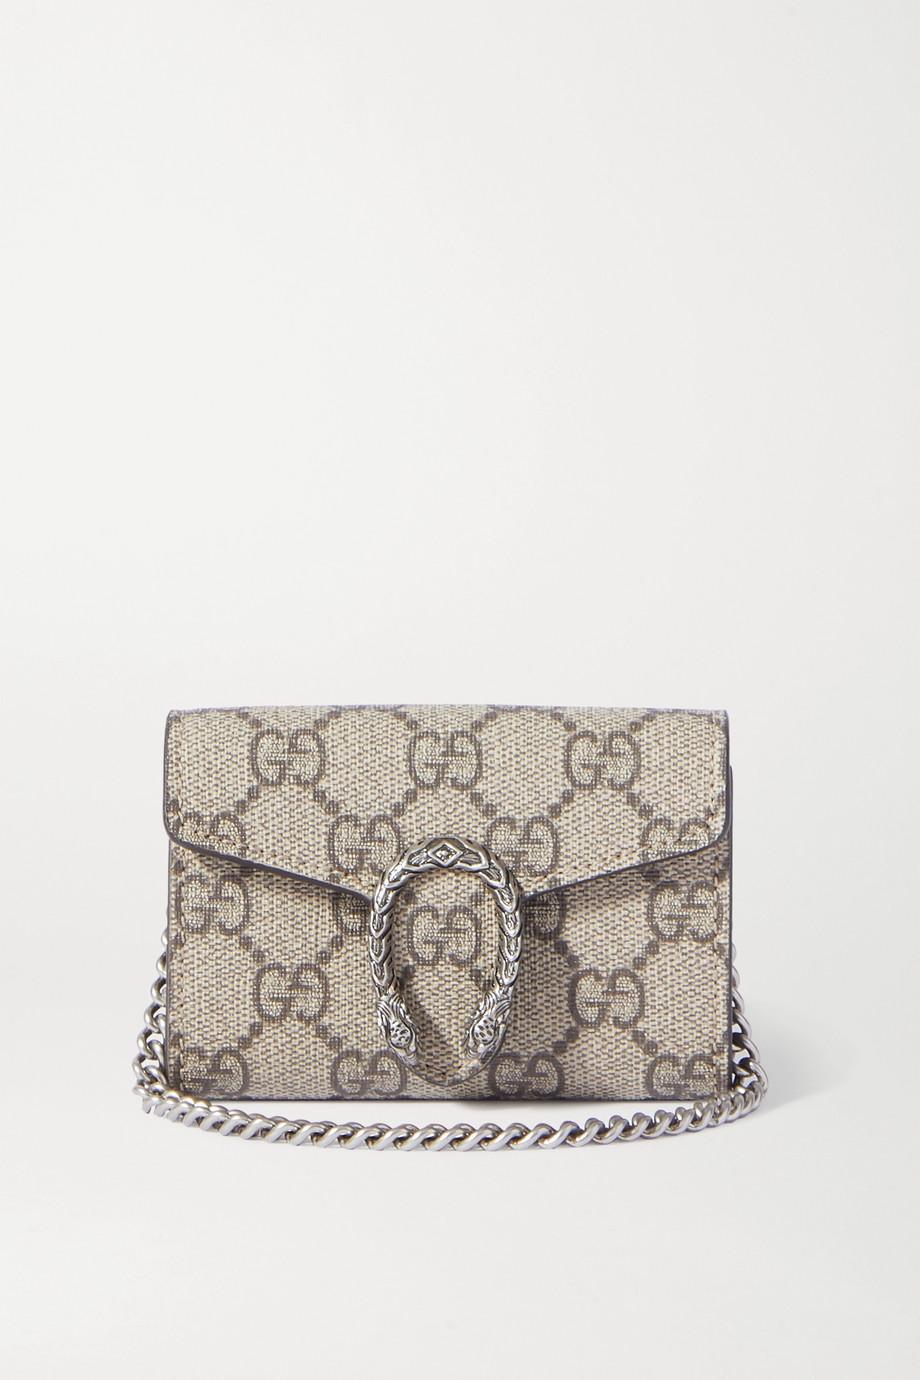 Gucci Sac porté épaule en toile enduite imprimée et en cuir Dionysus Super Mini